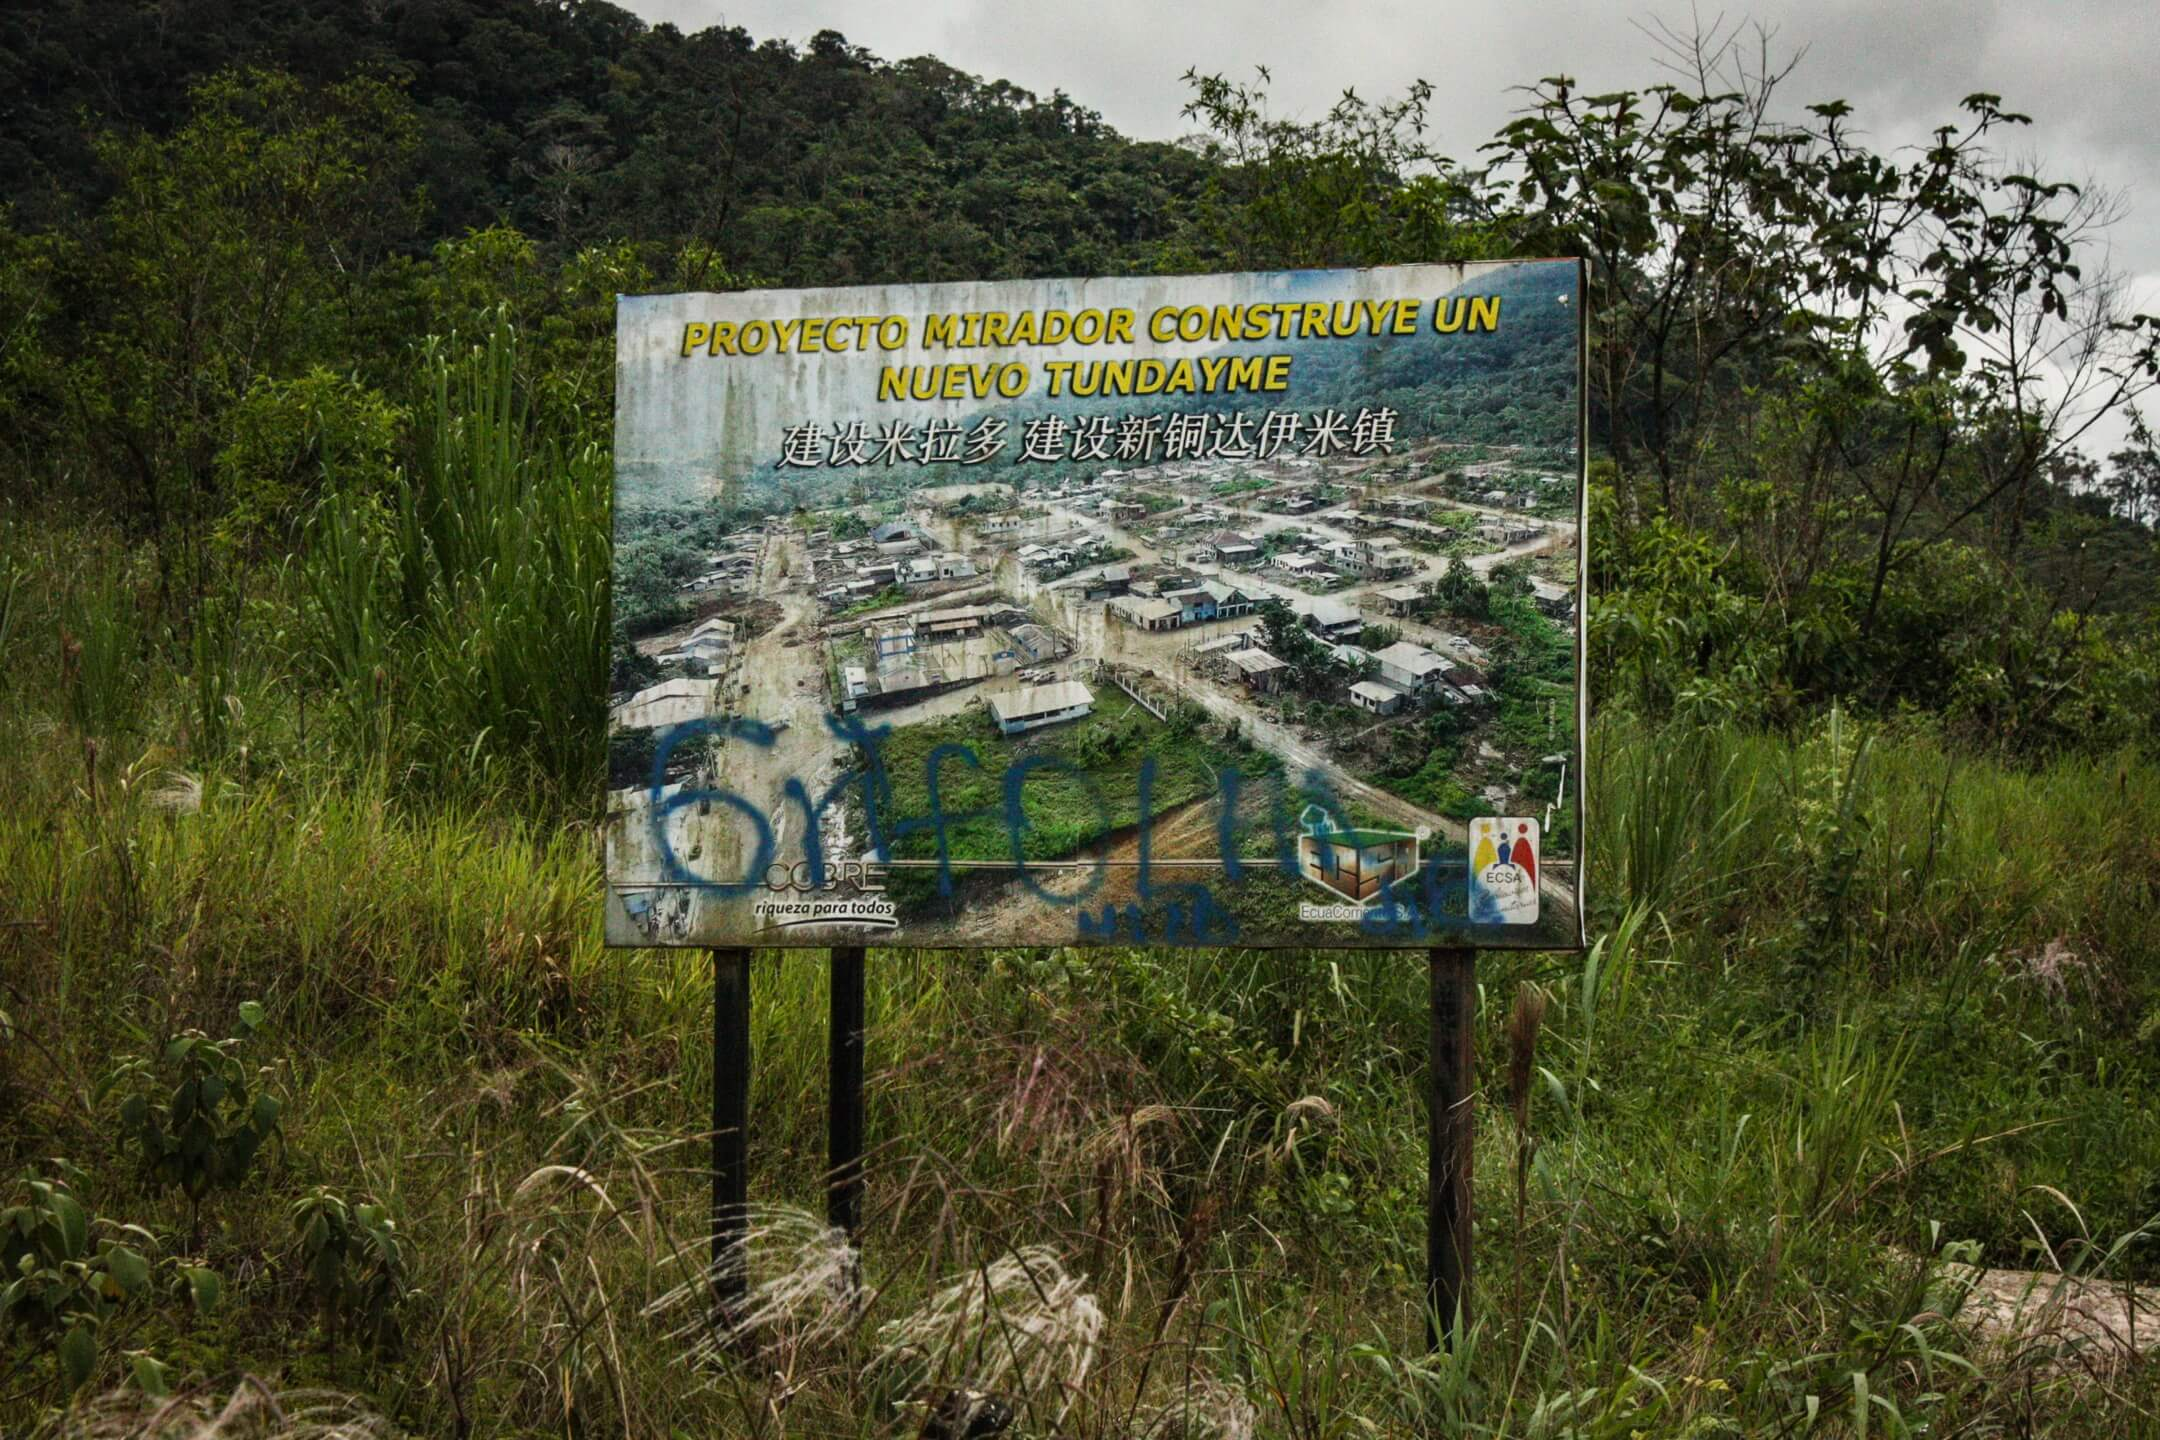 這是厄瓜多爾東南亞馬遜熱帶雨林生態圈內一個名為銅達伊米(Tundayme)的小鎮,緊挨着厄瓜多爾首個大型露天銅礦米拉多(Mirador)。 攝影:Andrés Bermúdez Liévano